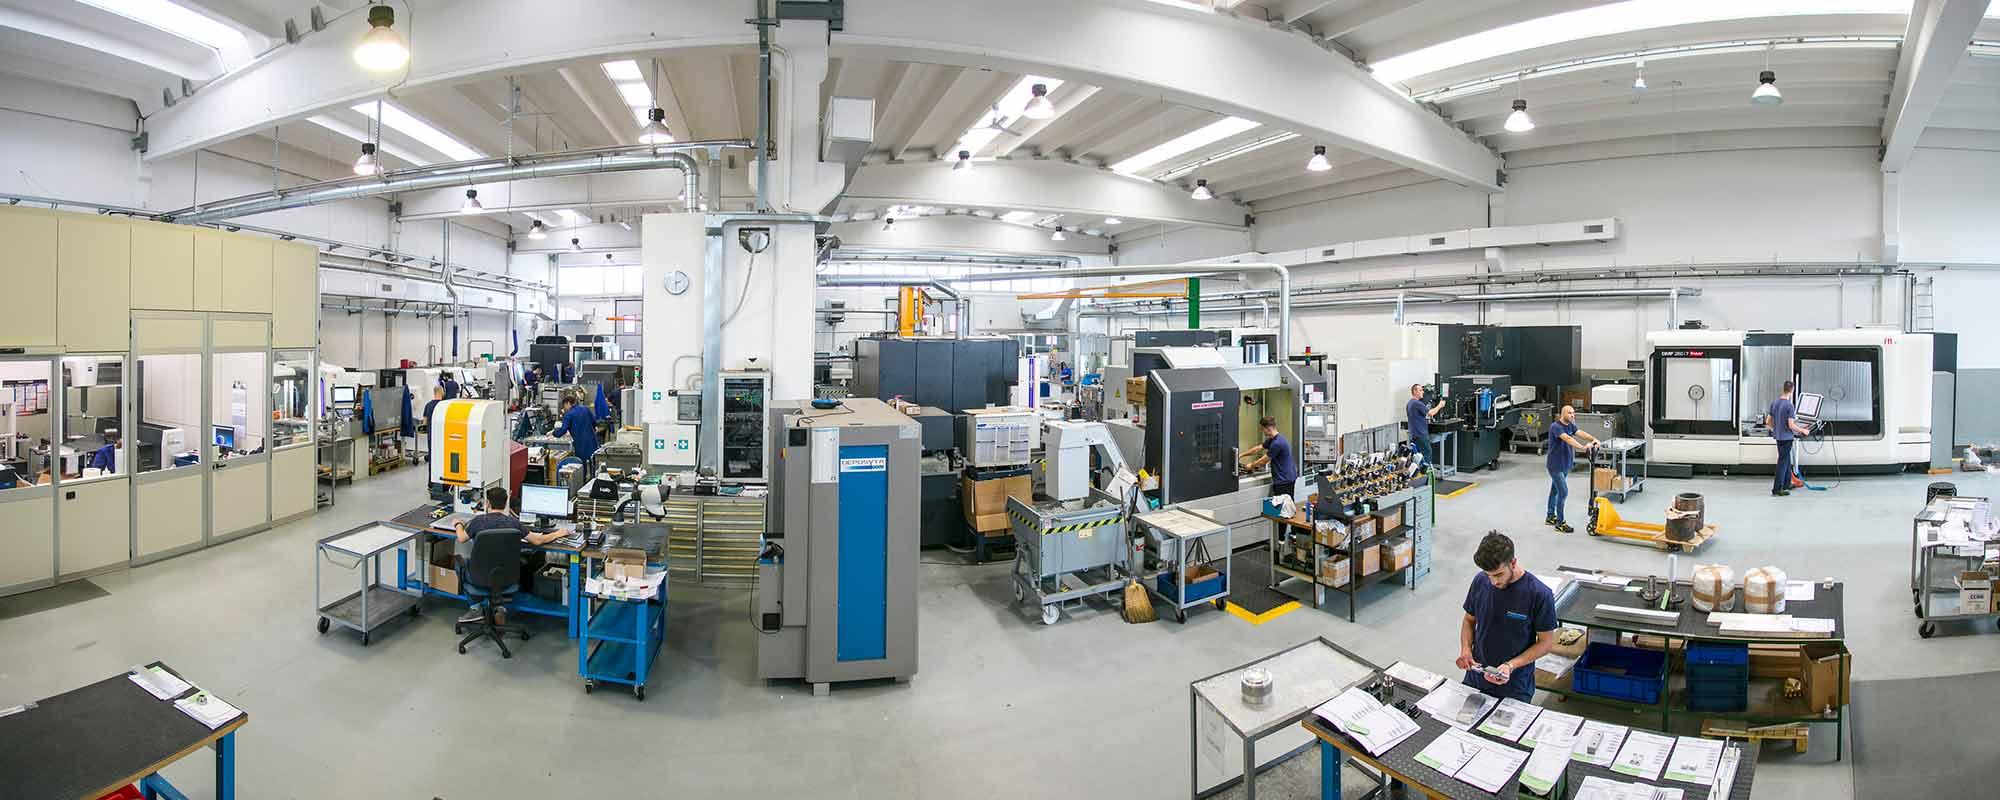 Produzione-componenti-macchine-automatiche-modena